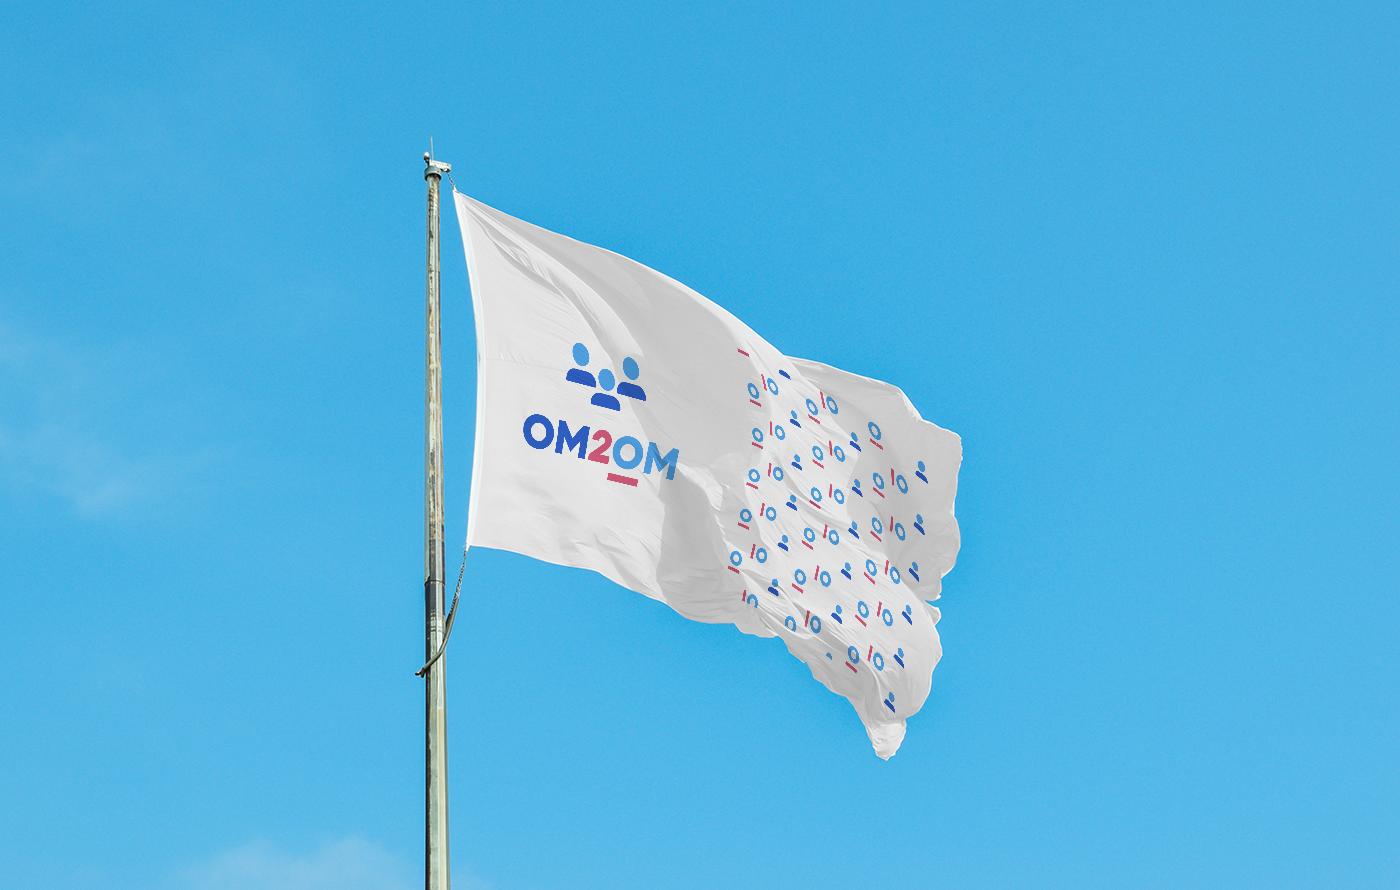 Разработка логотипа для краудфандинговой платформы om2om.md фото f_0415f5fc5720a56b.png